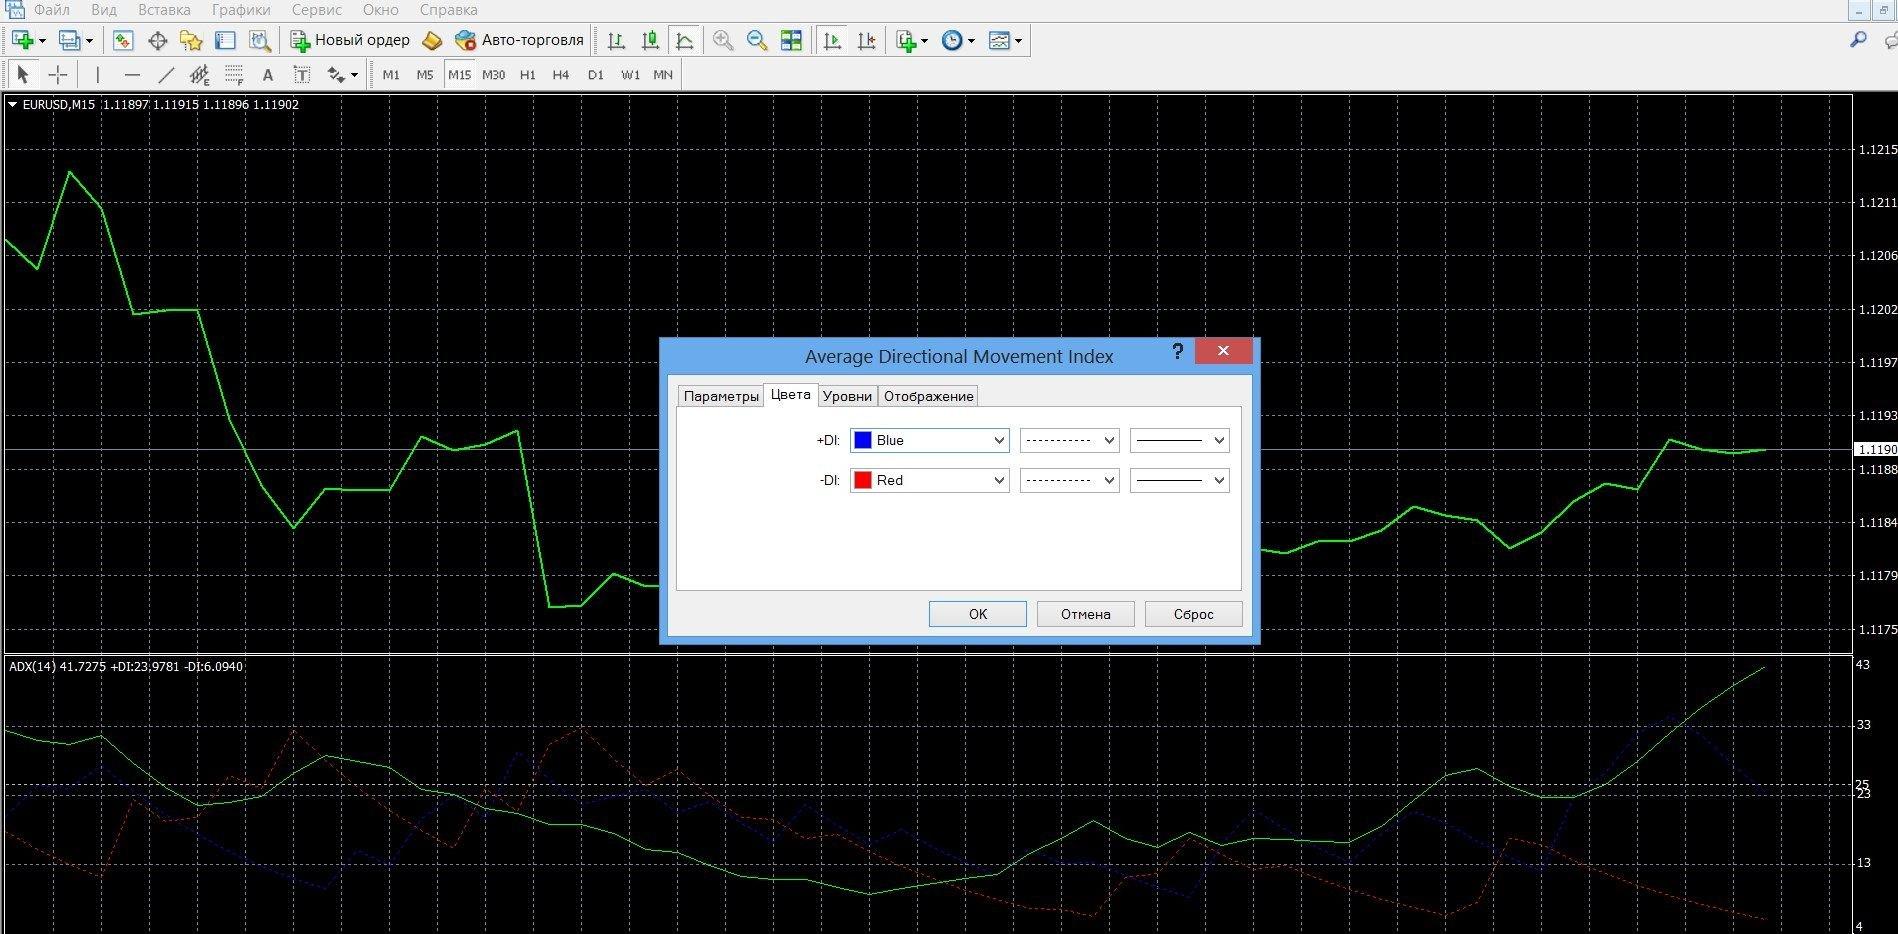 DMI входит в индикатор ADX, который есть в платформе Метатрейдере 4